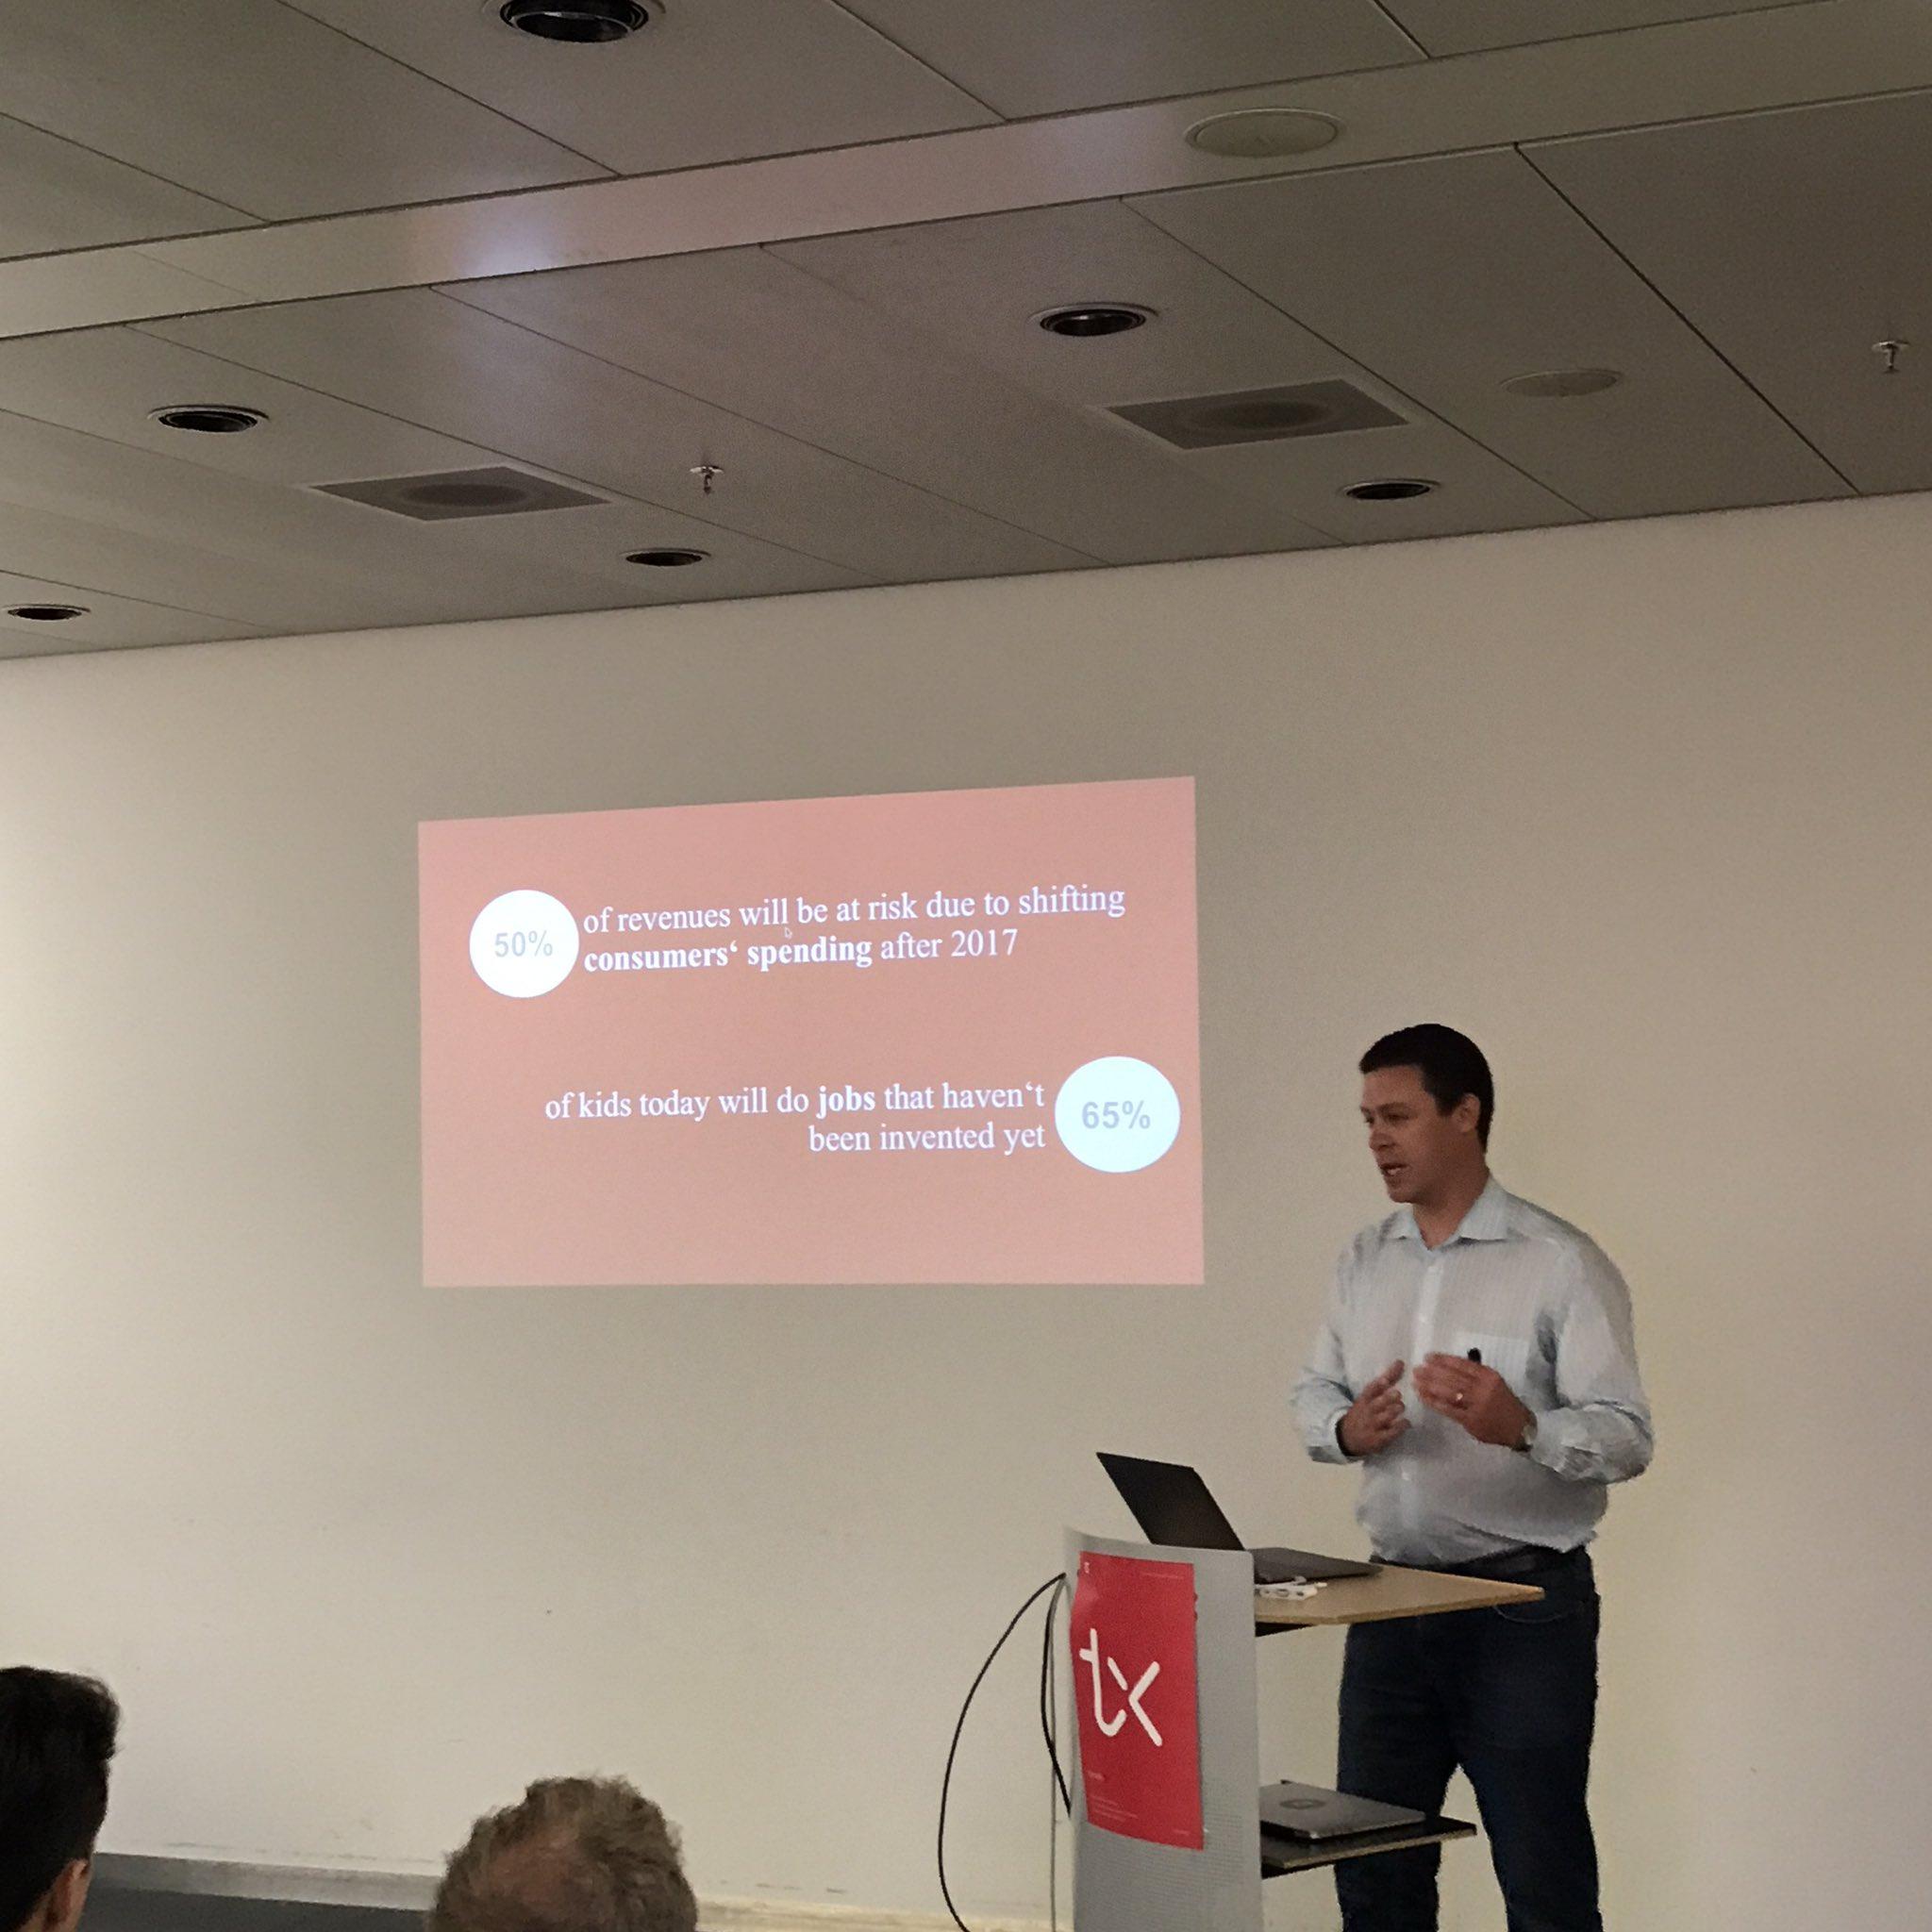 """Nicolas Bürer from @dgt_switzerland: """"65% of kids today will do jobs that haven't been invented yet"""" #tamediatx #digitalisation https://t.co/Gw17XUT4Ga"""